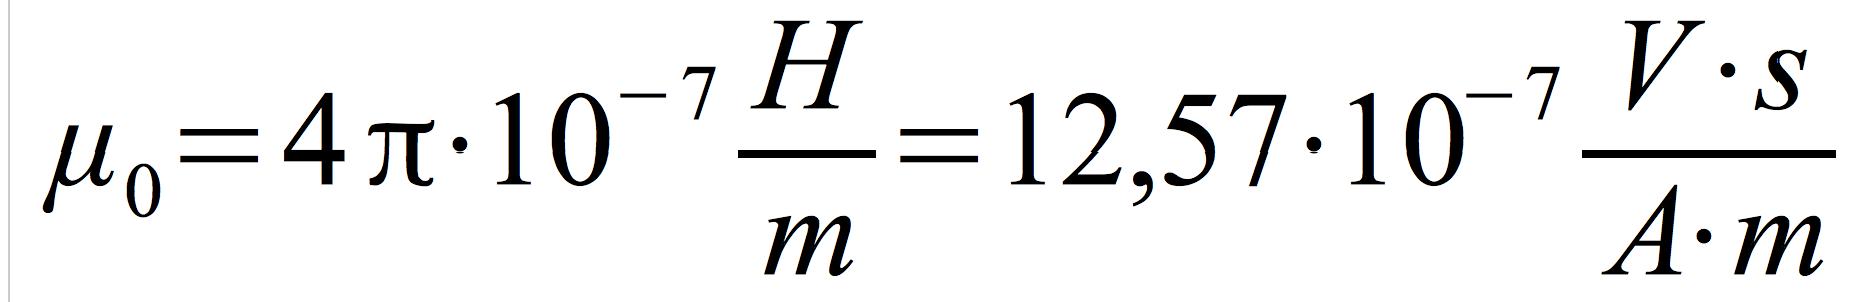 przenikalność-magnetyczna-próżni